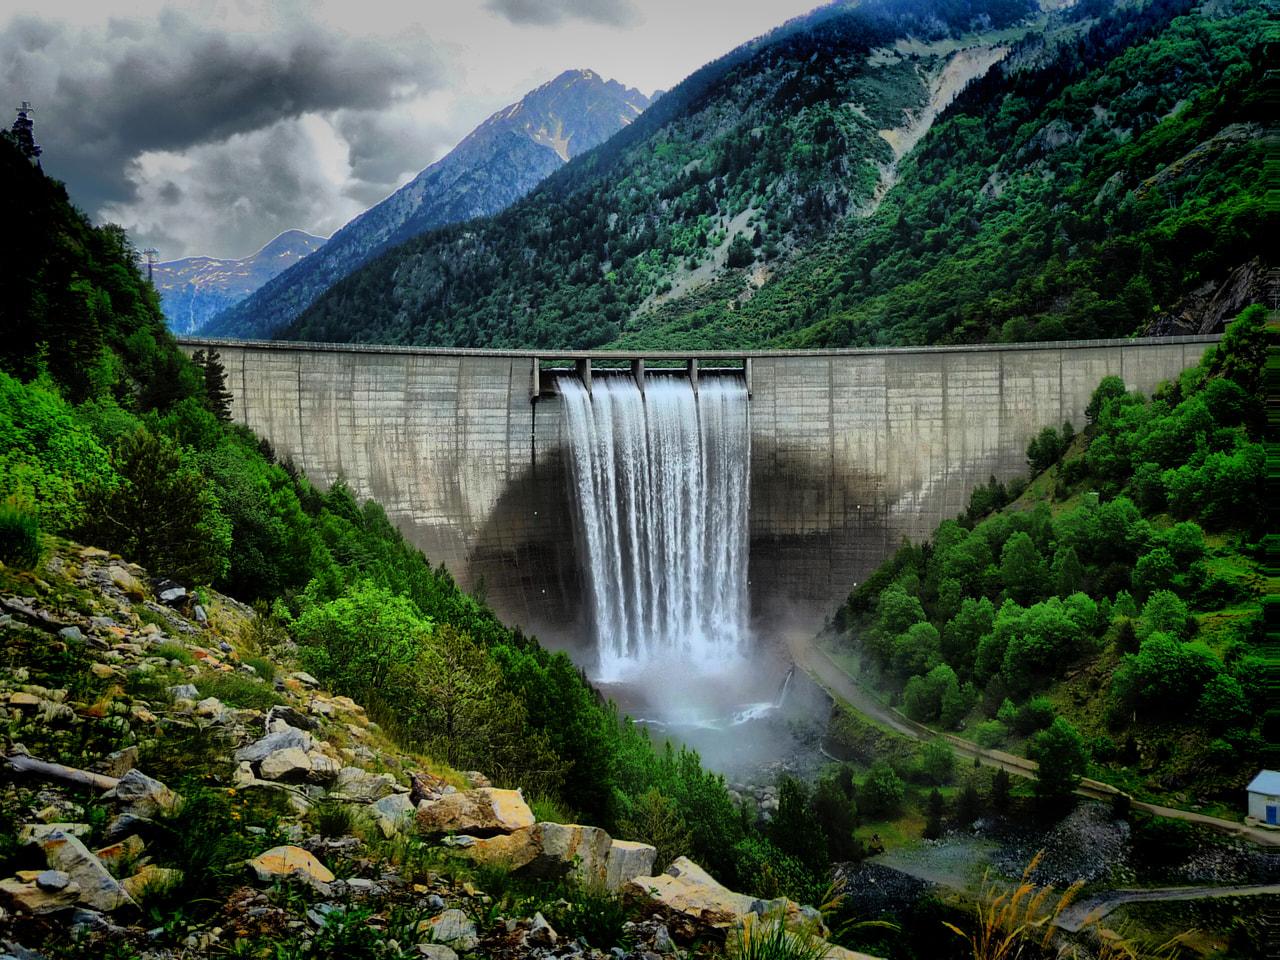 【環境トピックス】河川の 3分の 2がダムなどで分断 生態系に深刻な影響